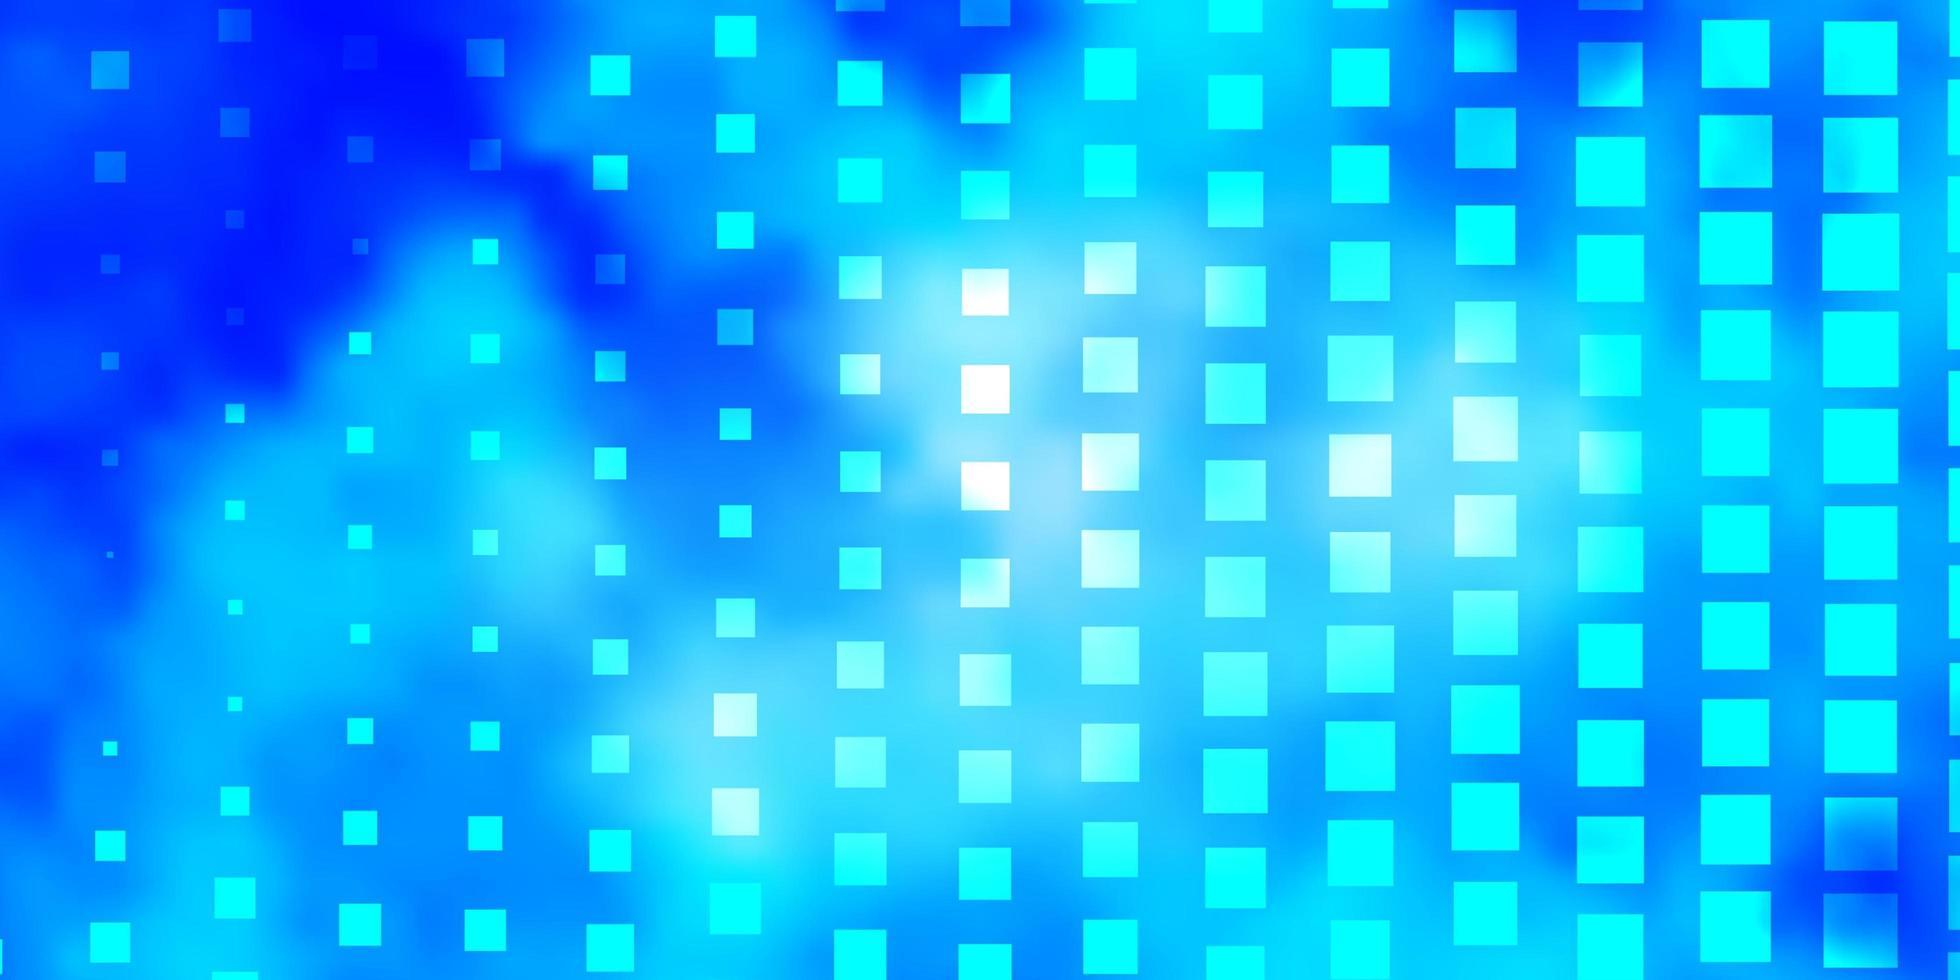 padrão azul em estilo quadrado. vetor